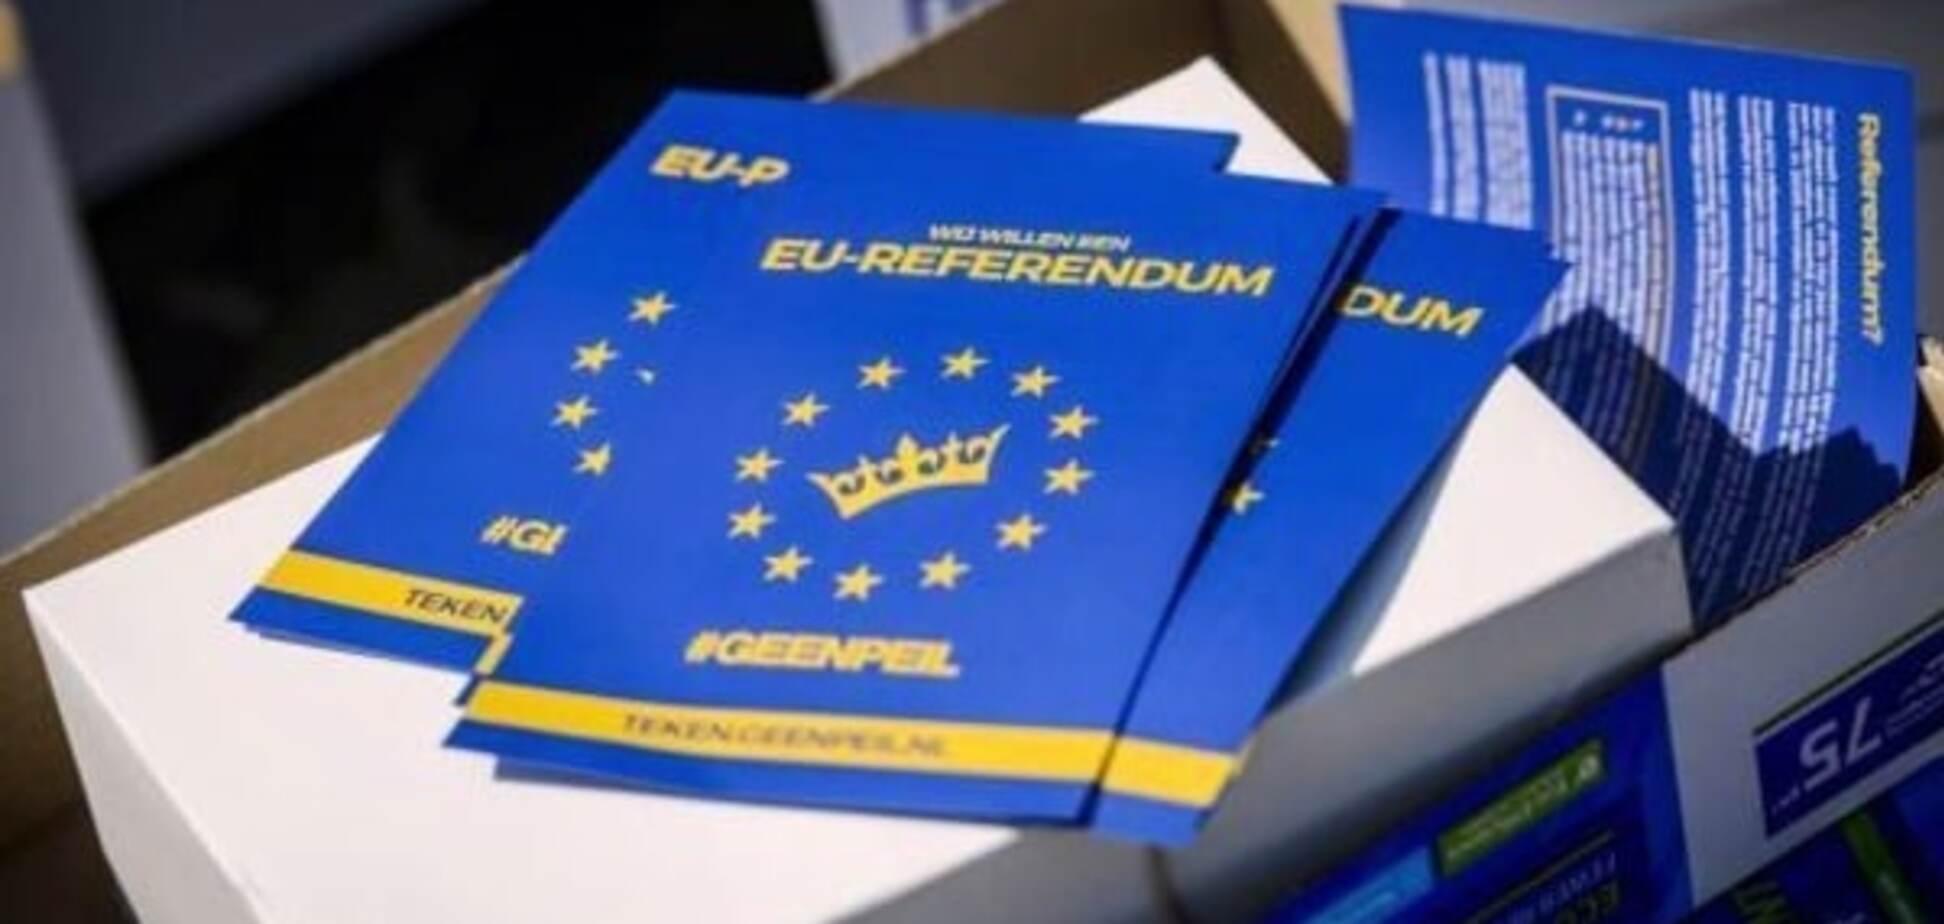 Відмова Нідерландів:Бузаров пояснив, що очікує на Угоду про асоціацію з ЄС